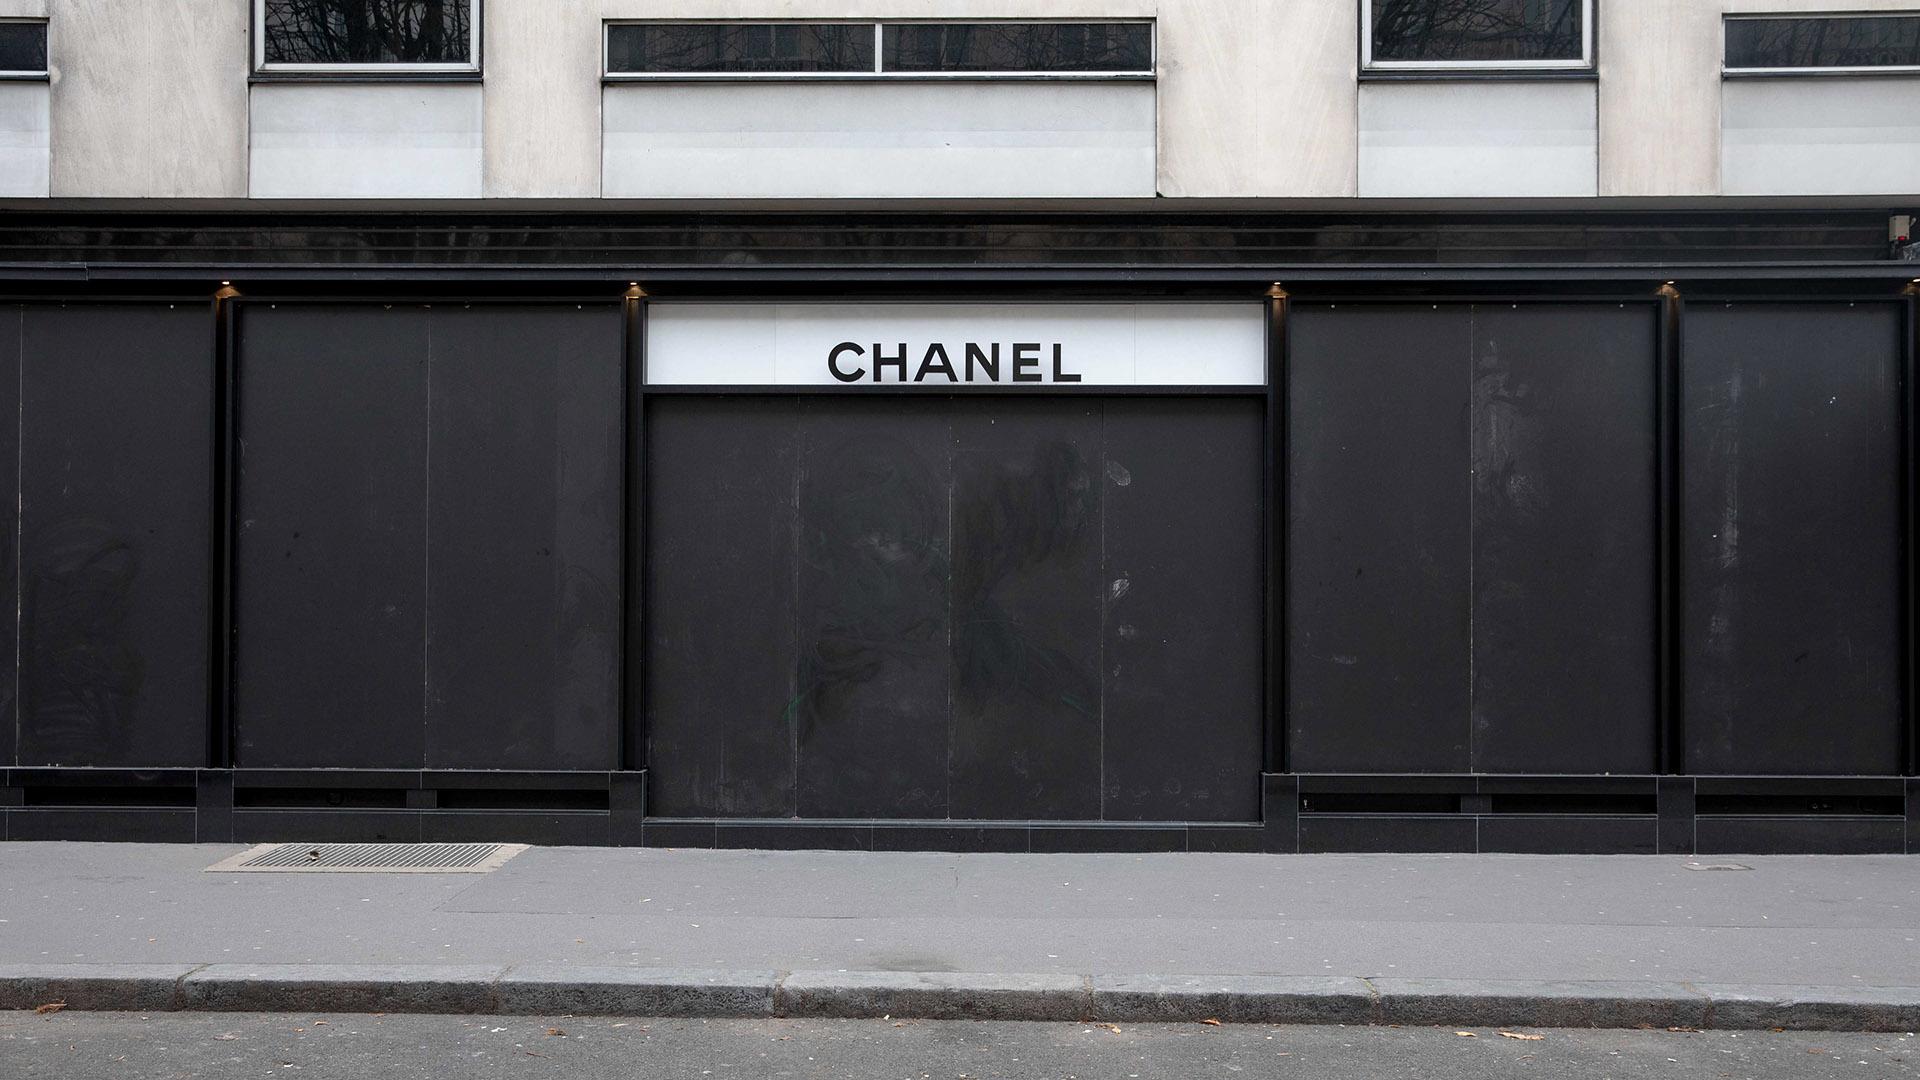 Chanel, la icónica firma de lujo francesa, cerró las puertas de su local con maderas negras para impedir los actos de vandalismo y las roturas de los cristales de sus vidrieras (Fotos: Cristobal Ochoa)